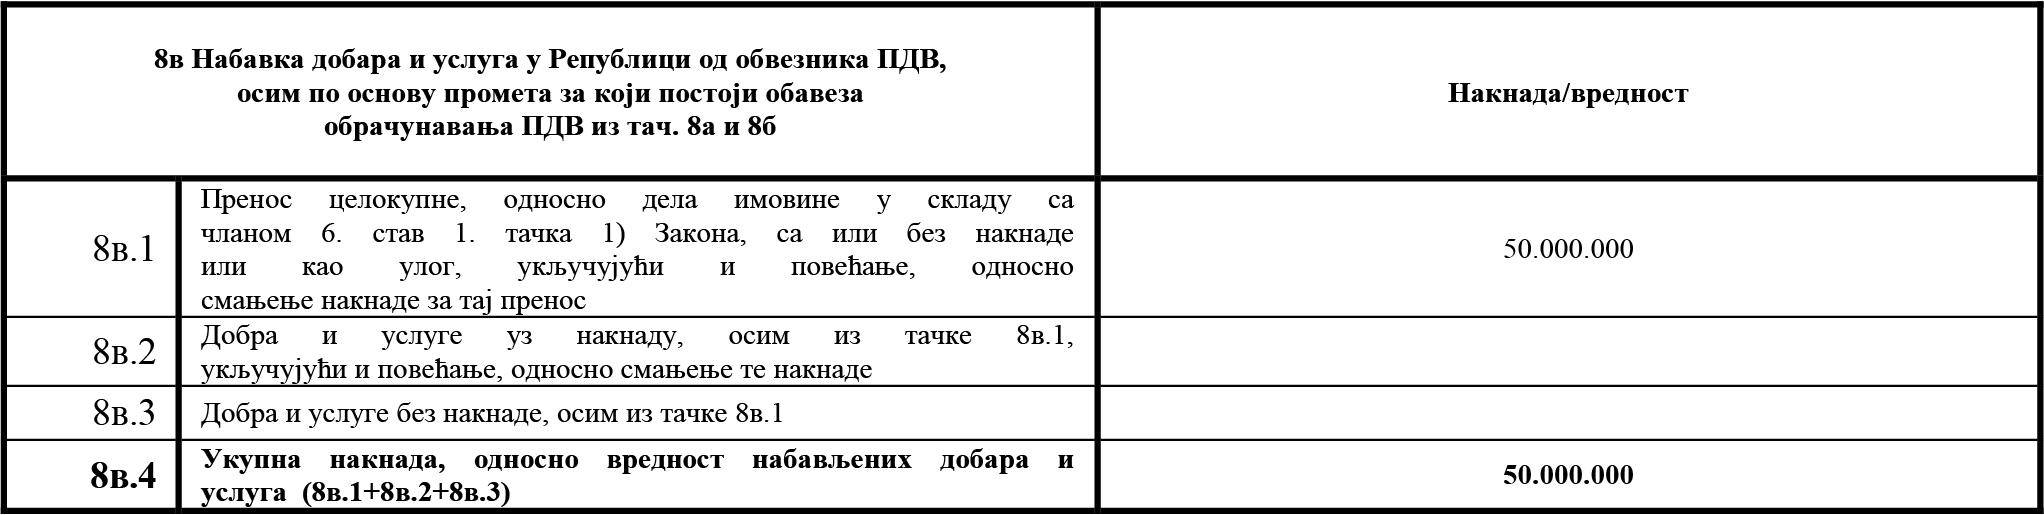 uputstvo PU obrazac POPDV primer 104